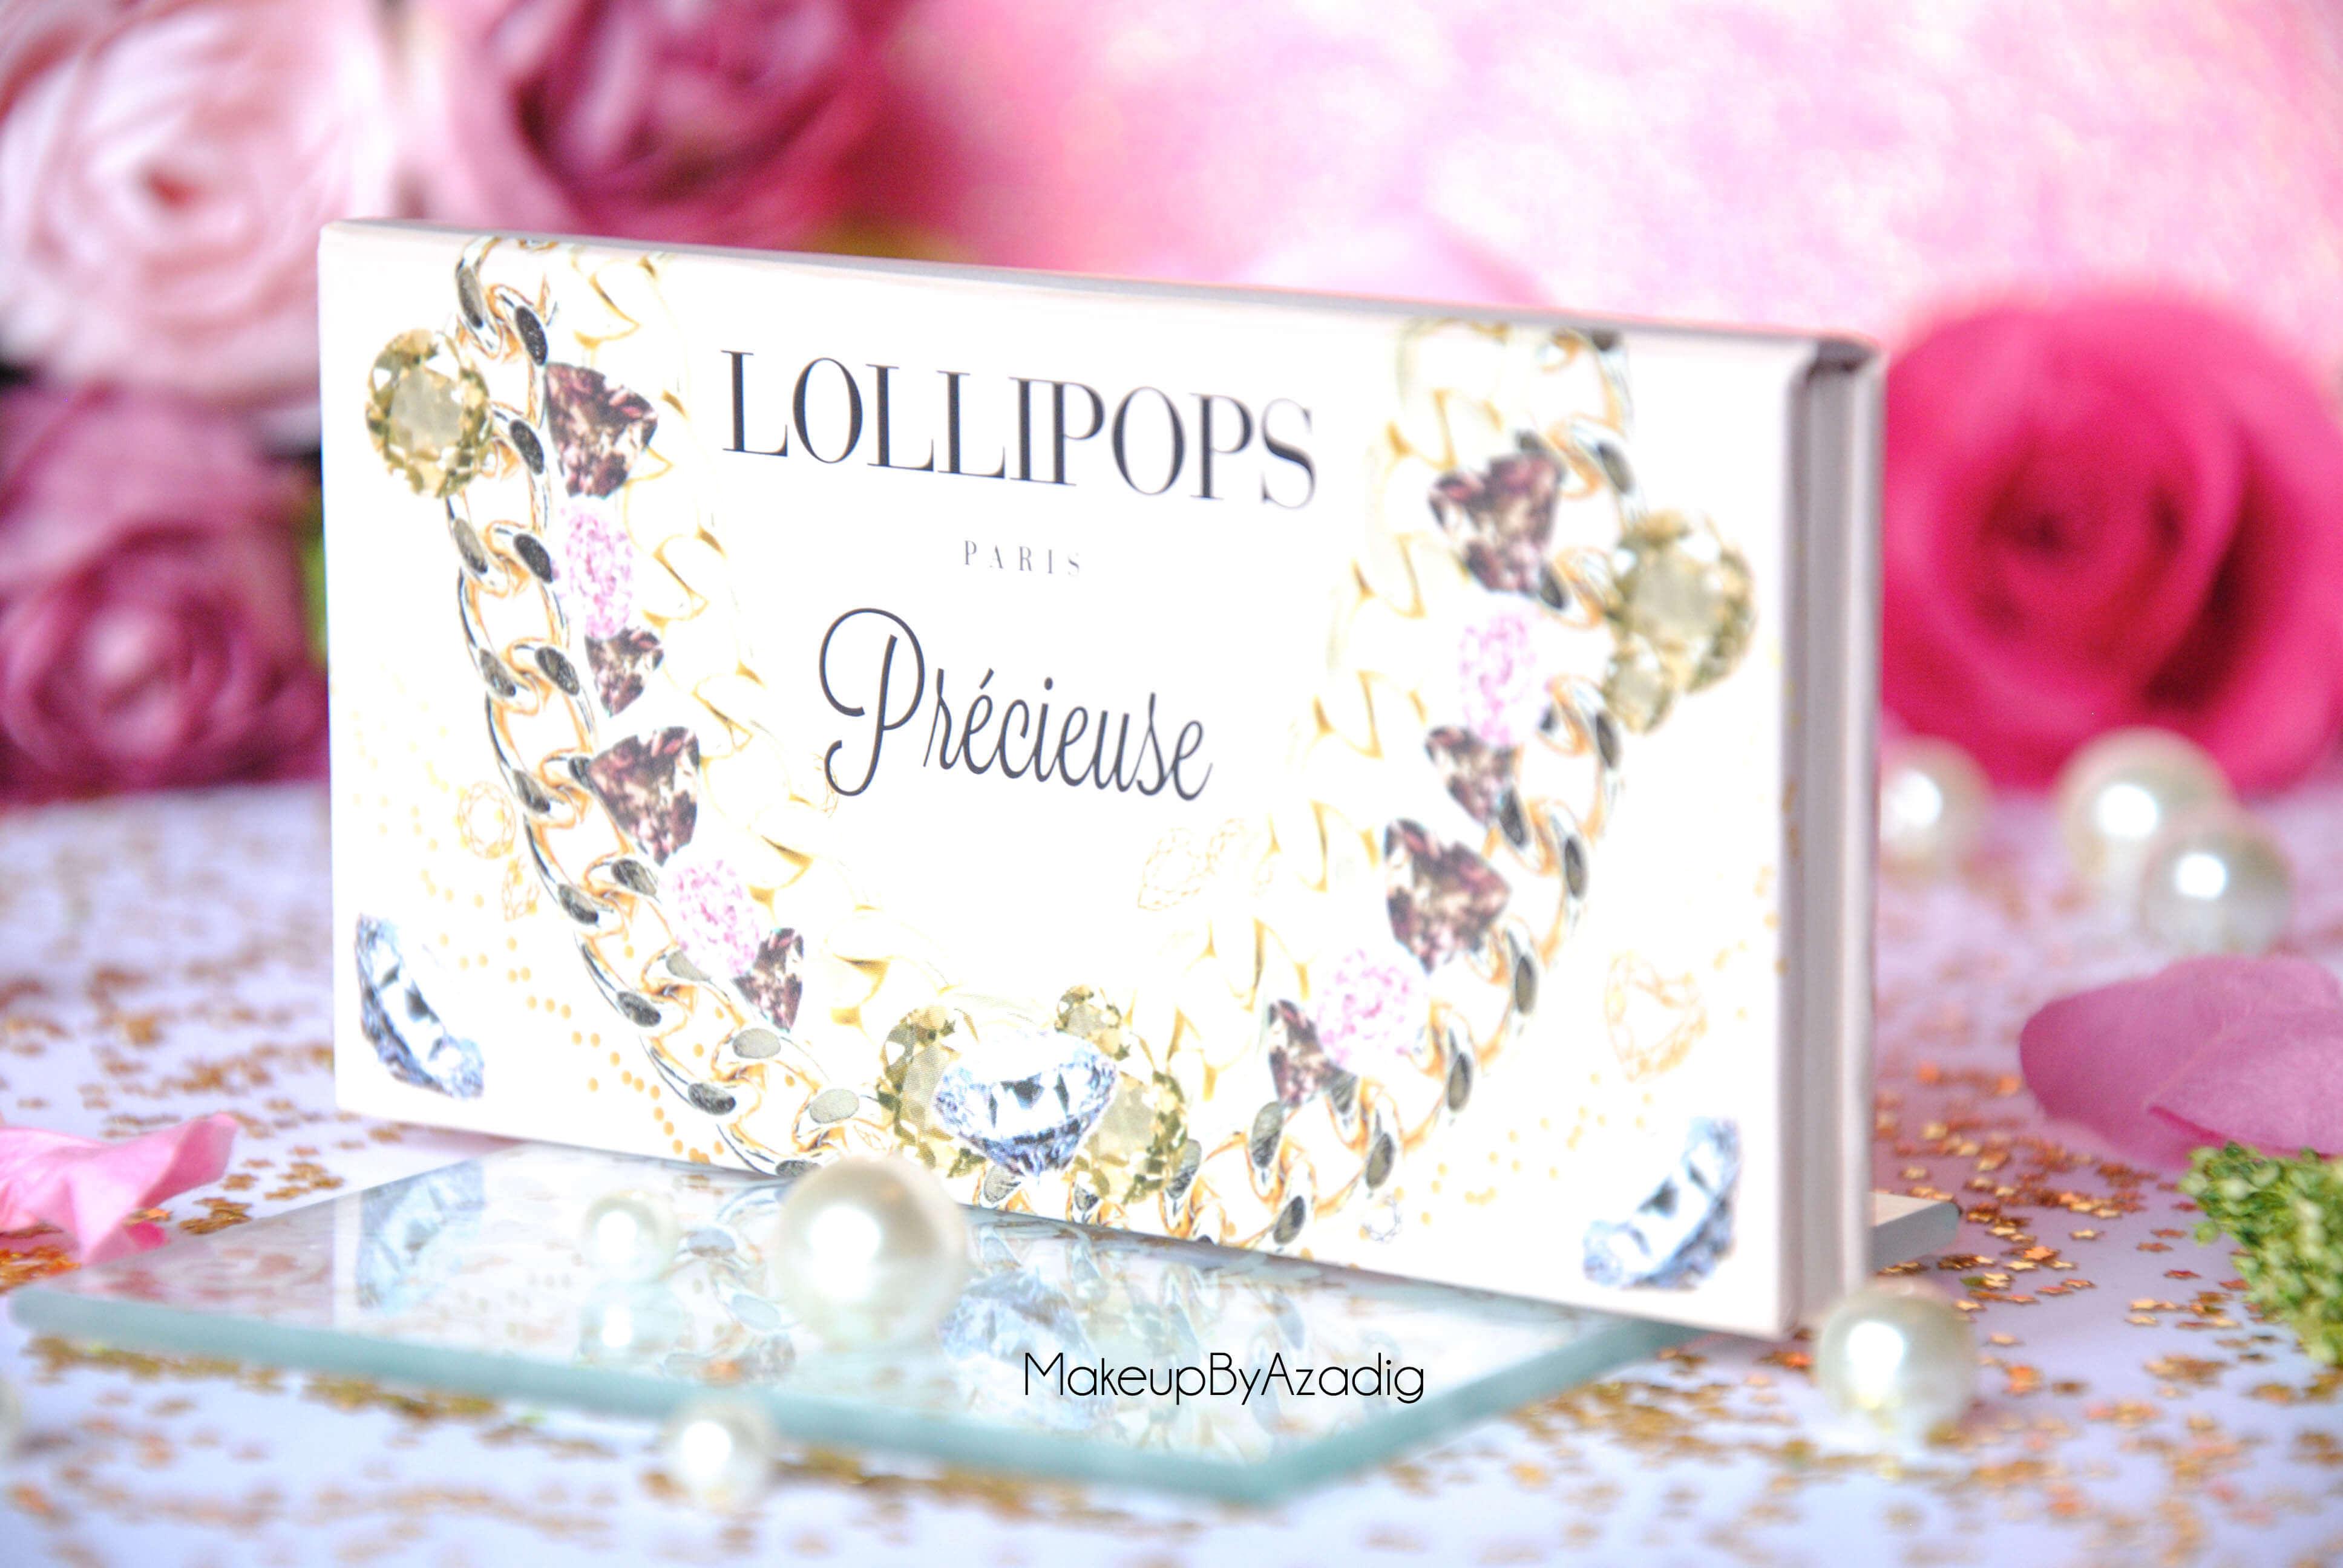 makeupbyazadig-palette-fards-paupieres-lollipops-paris-precieuse-monoprix-sephora-troyes-blog-revue-review